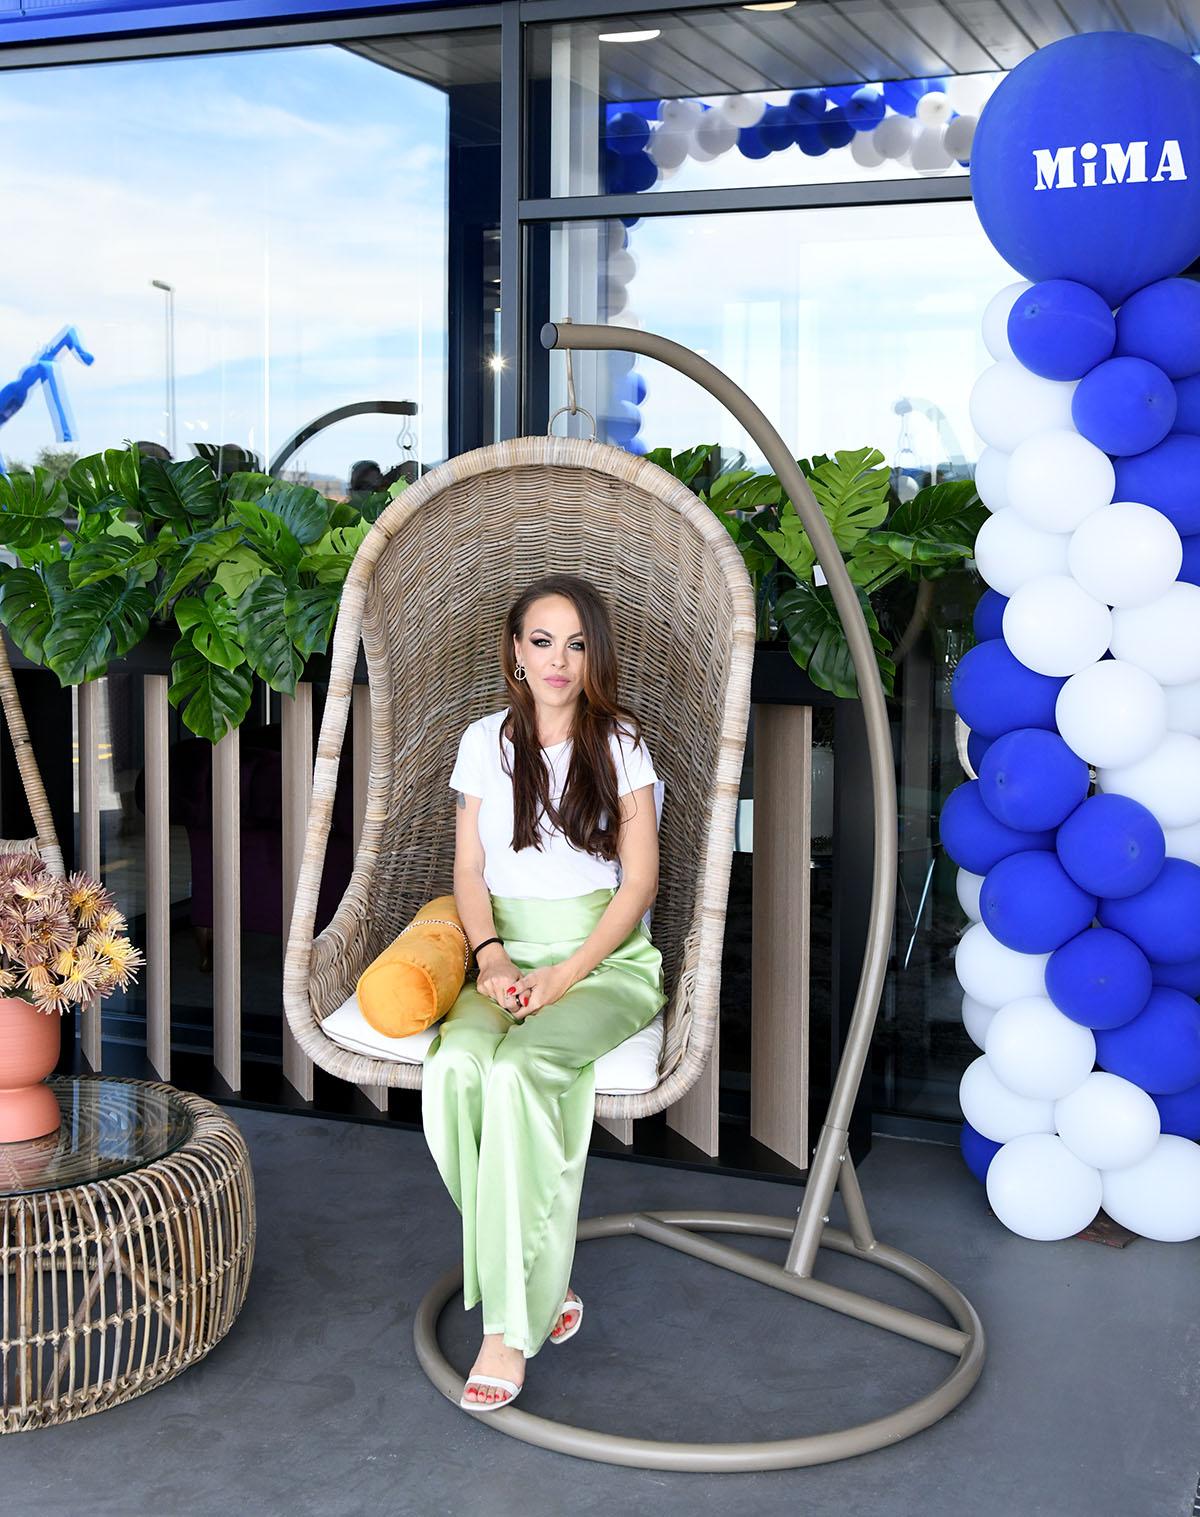 Namještaj Mima otvara svoj najveći salon u Zadru